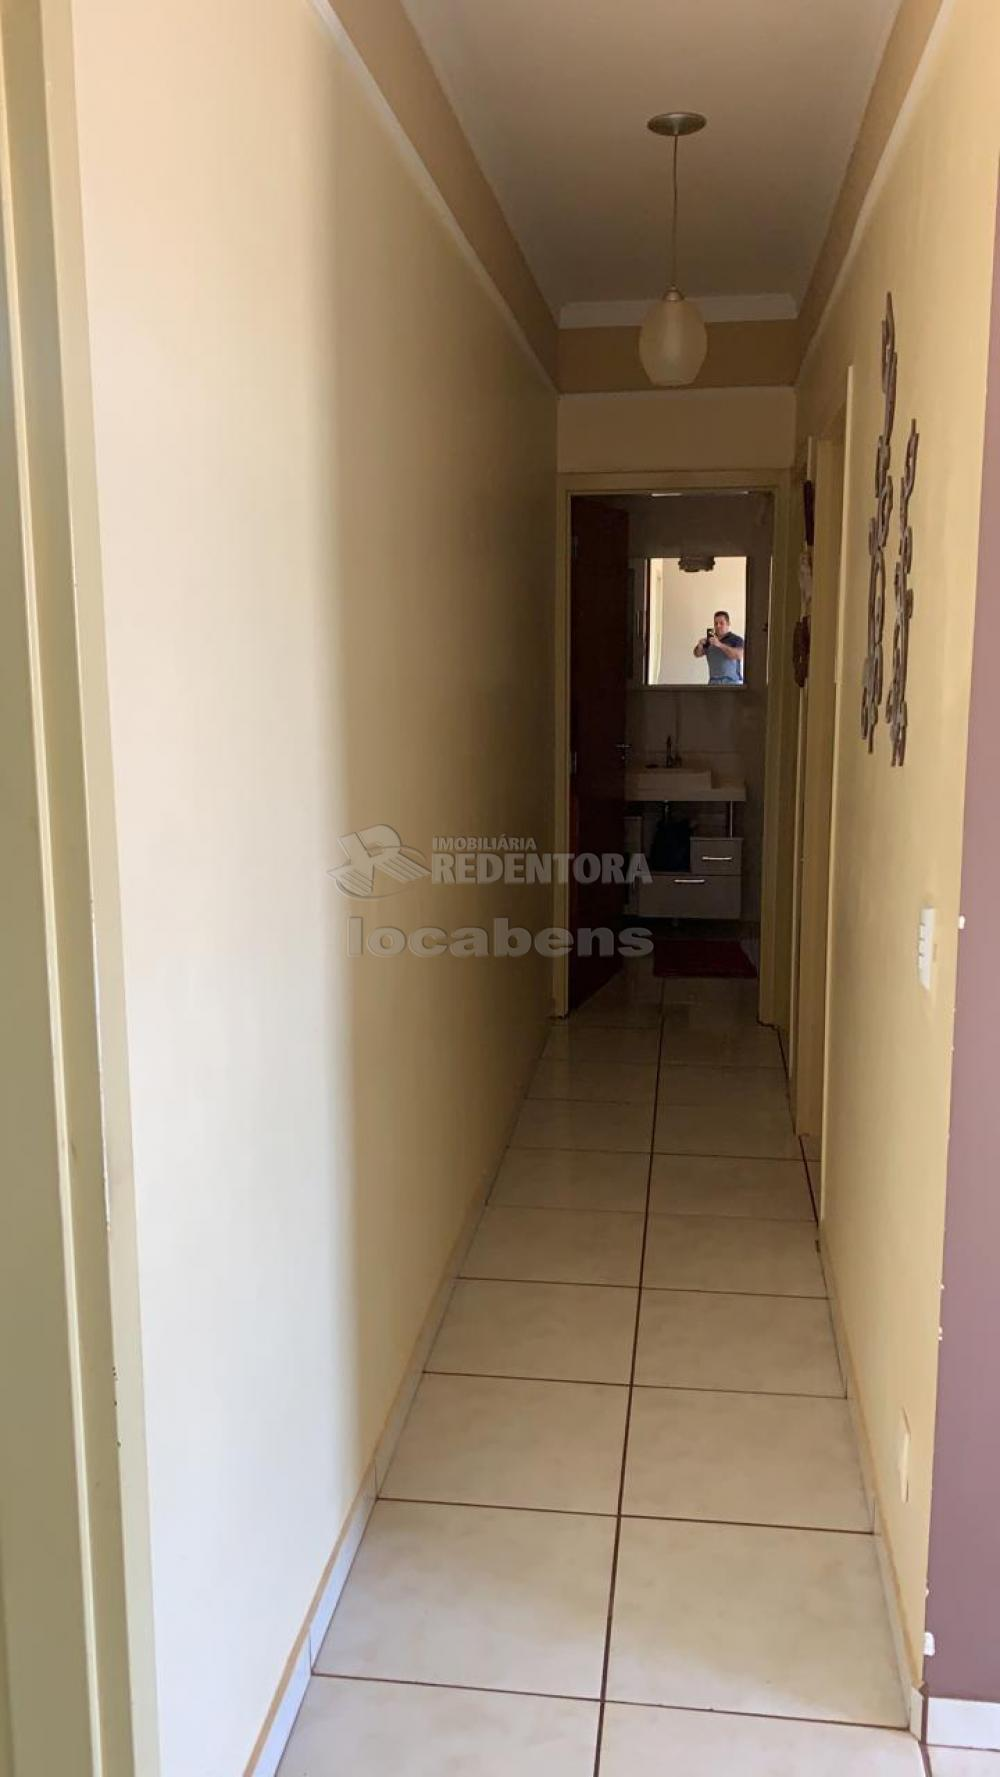 Comprar Apartamento / Padrão em São José do Rio Preto R$ 160.000,00 - Foto 8